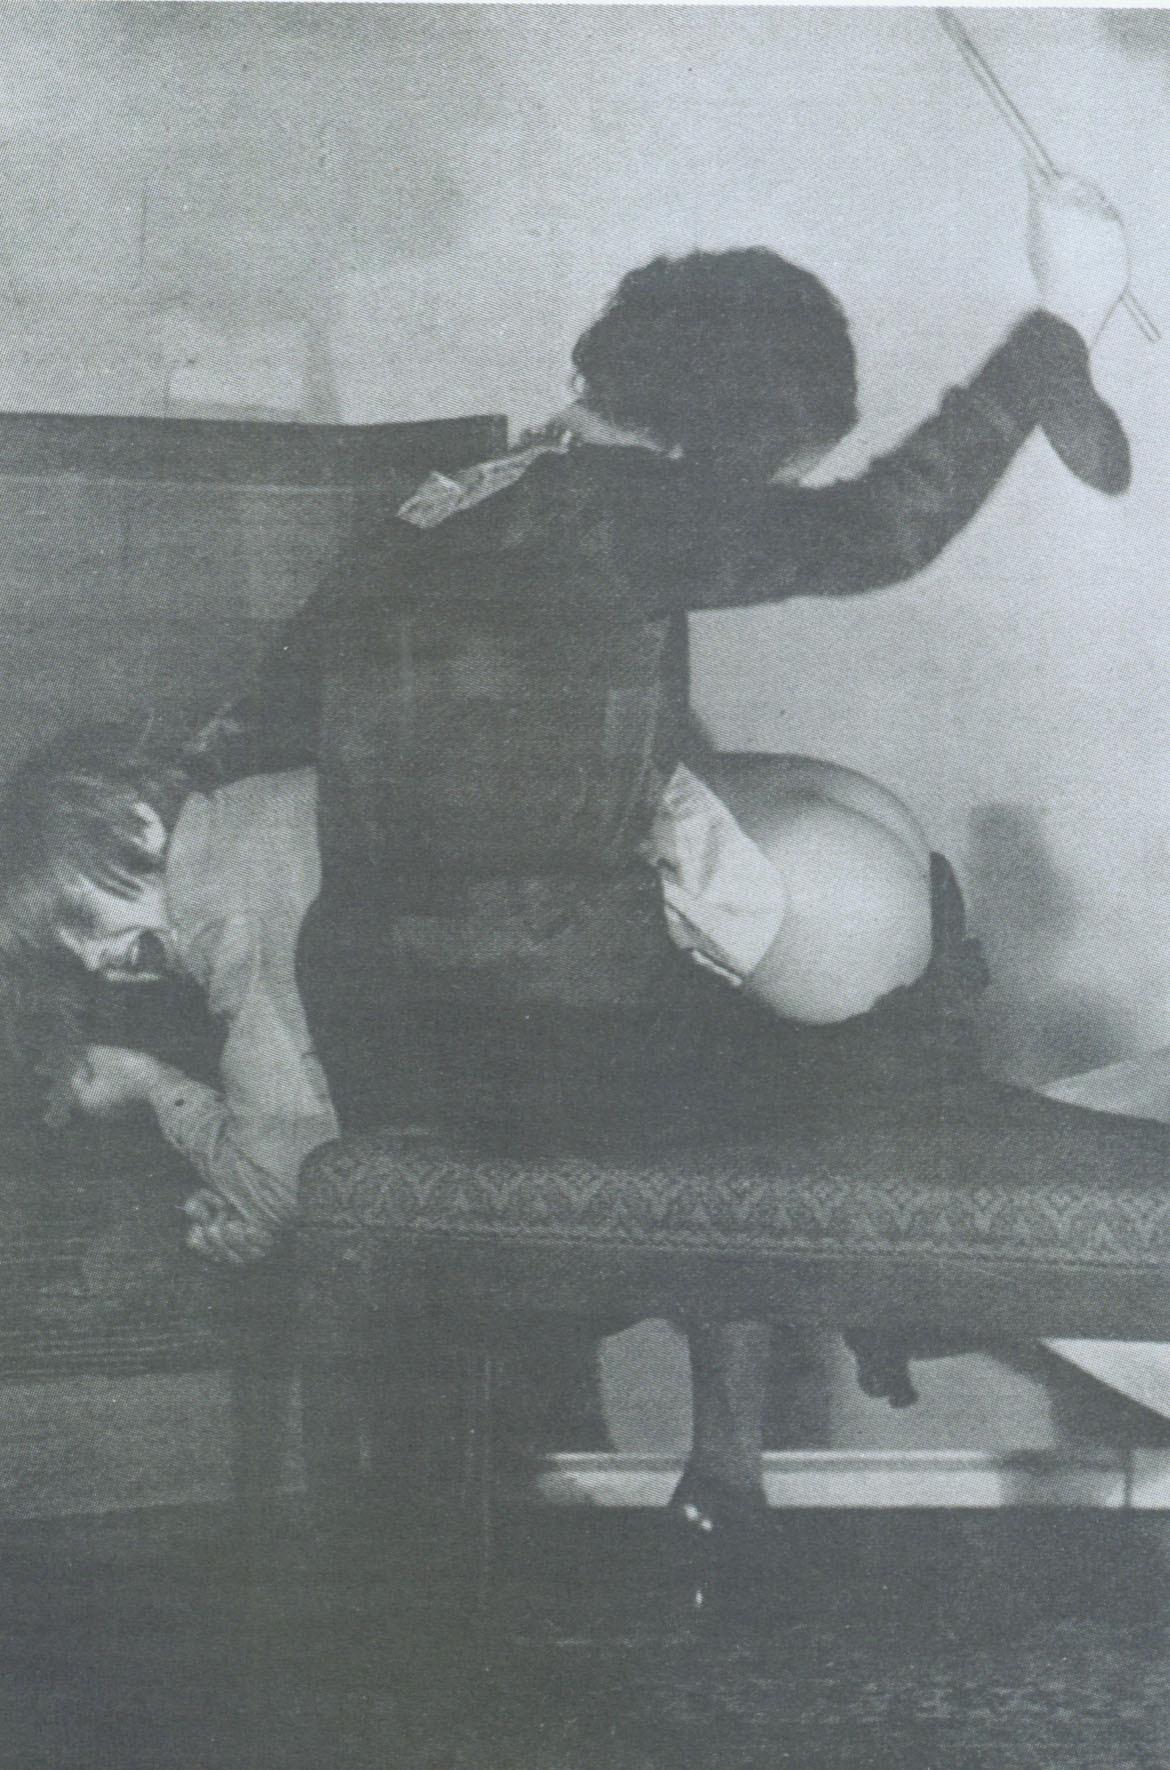 mom spanking daughter bare bottom